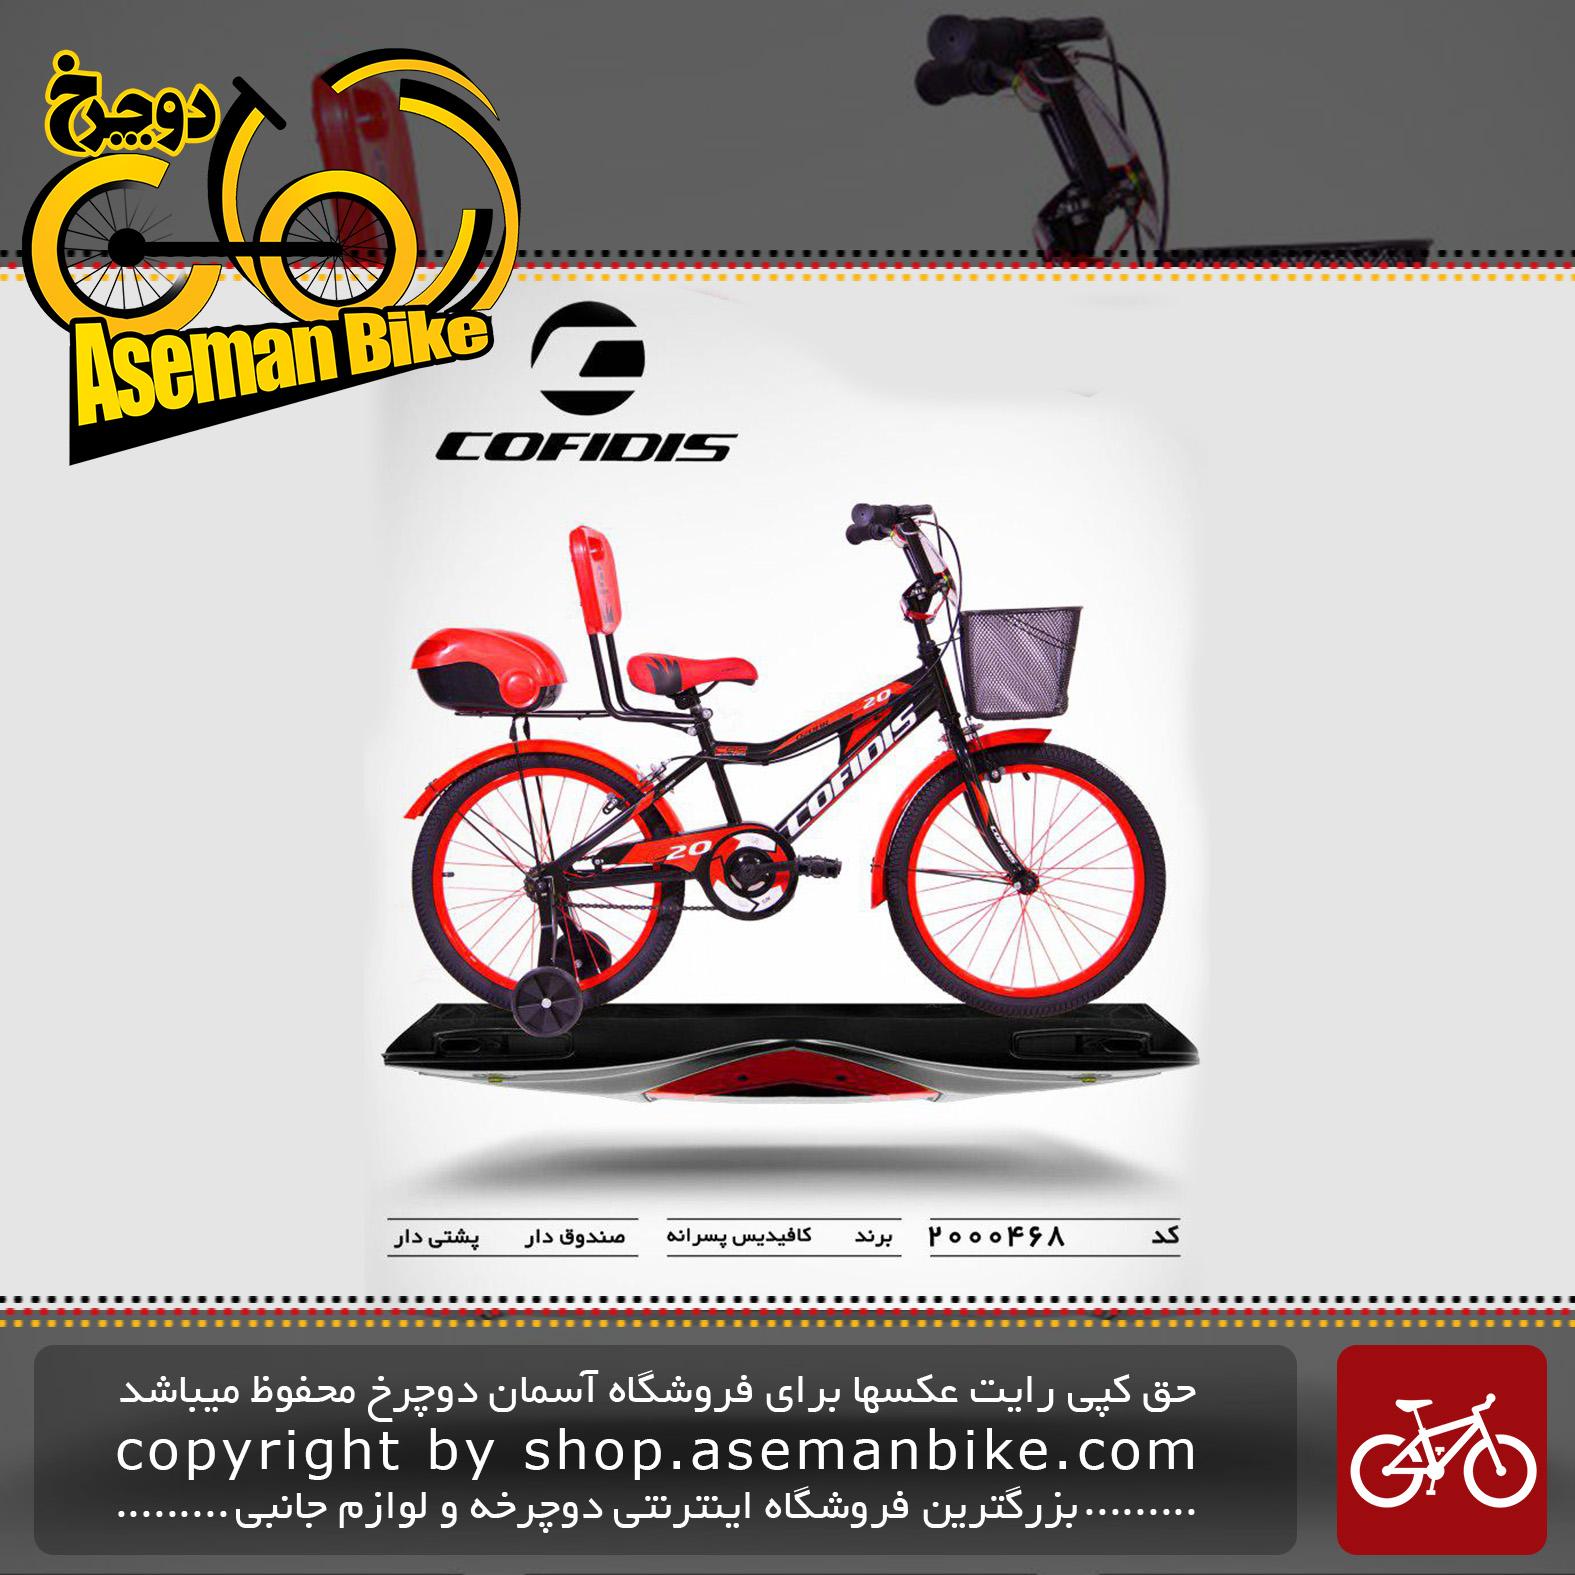 دوچرخه کافیدیس تایوان صندوق و سبد دار مدل 468 سایز 20 COFIDIS Bicycle 468 Size 20 2019